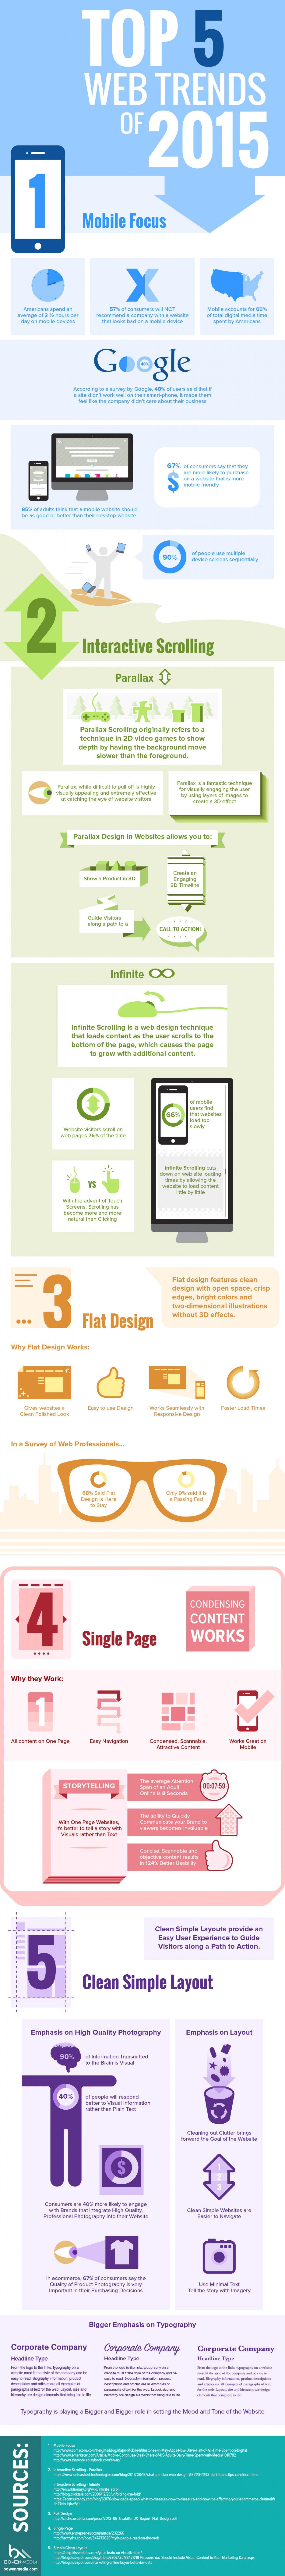 Top 5 website design trends for 2015